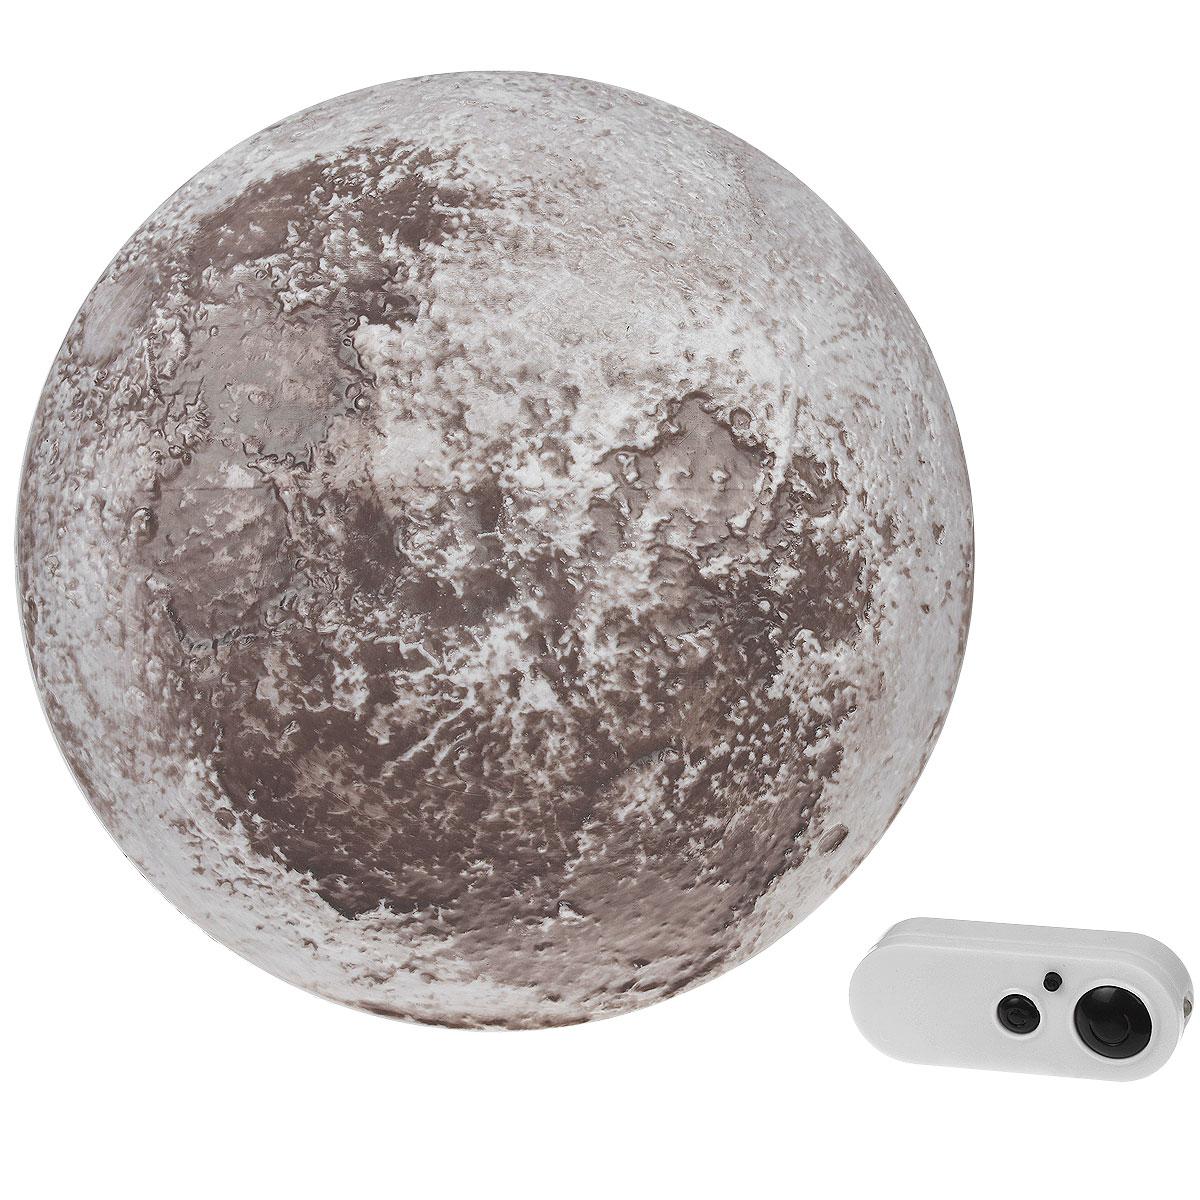 """Засыпайте под мягкий серебристый свет луны даже в самую плохую погоду с высокотехнологичным ночником """"Лунный свет"""". Для ребенка интересная лампа станет увлекательным пособием - дизайнеры позаботились о том, чтобы воссоздать поверхность луны. Ребенок не только сможет потрогать лунные кратеры, но и наблюдать за тем, как сменяются различные фазы небесного тела, не вставая с кровати. Интенсивность освещения можно контролировать с помощью дистанционного управления или просто выставить один из четырех заранее запрограммированных режима работы. Если в детской спальне луна служит для образовательных целей, то в родительской оригинальный ночник создаст романтическую атмосферу и быстро настроит на отдых."""